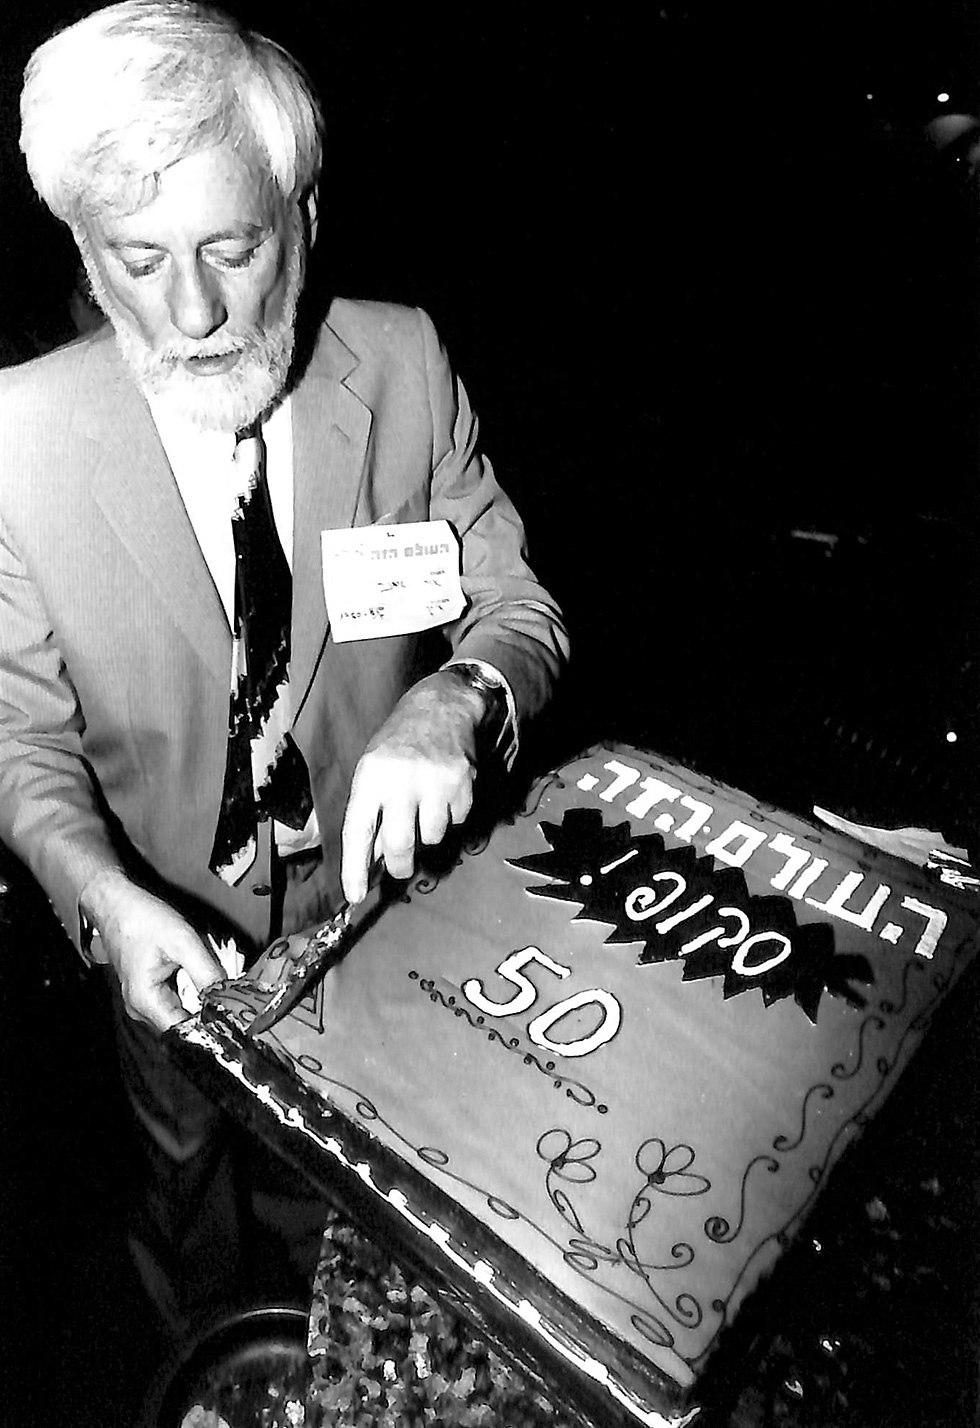 אורי אבנרי ב 1987 (צילום: ציון ציפריס, באדיבות ארכיון אורי אבנרי הספרייה הלאומית)